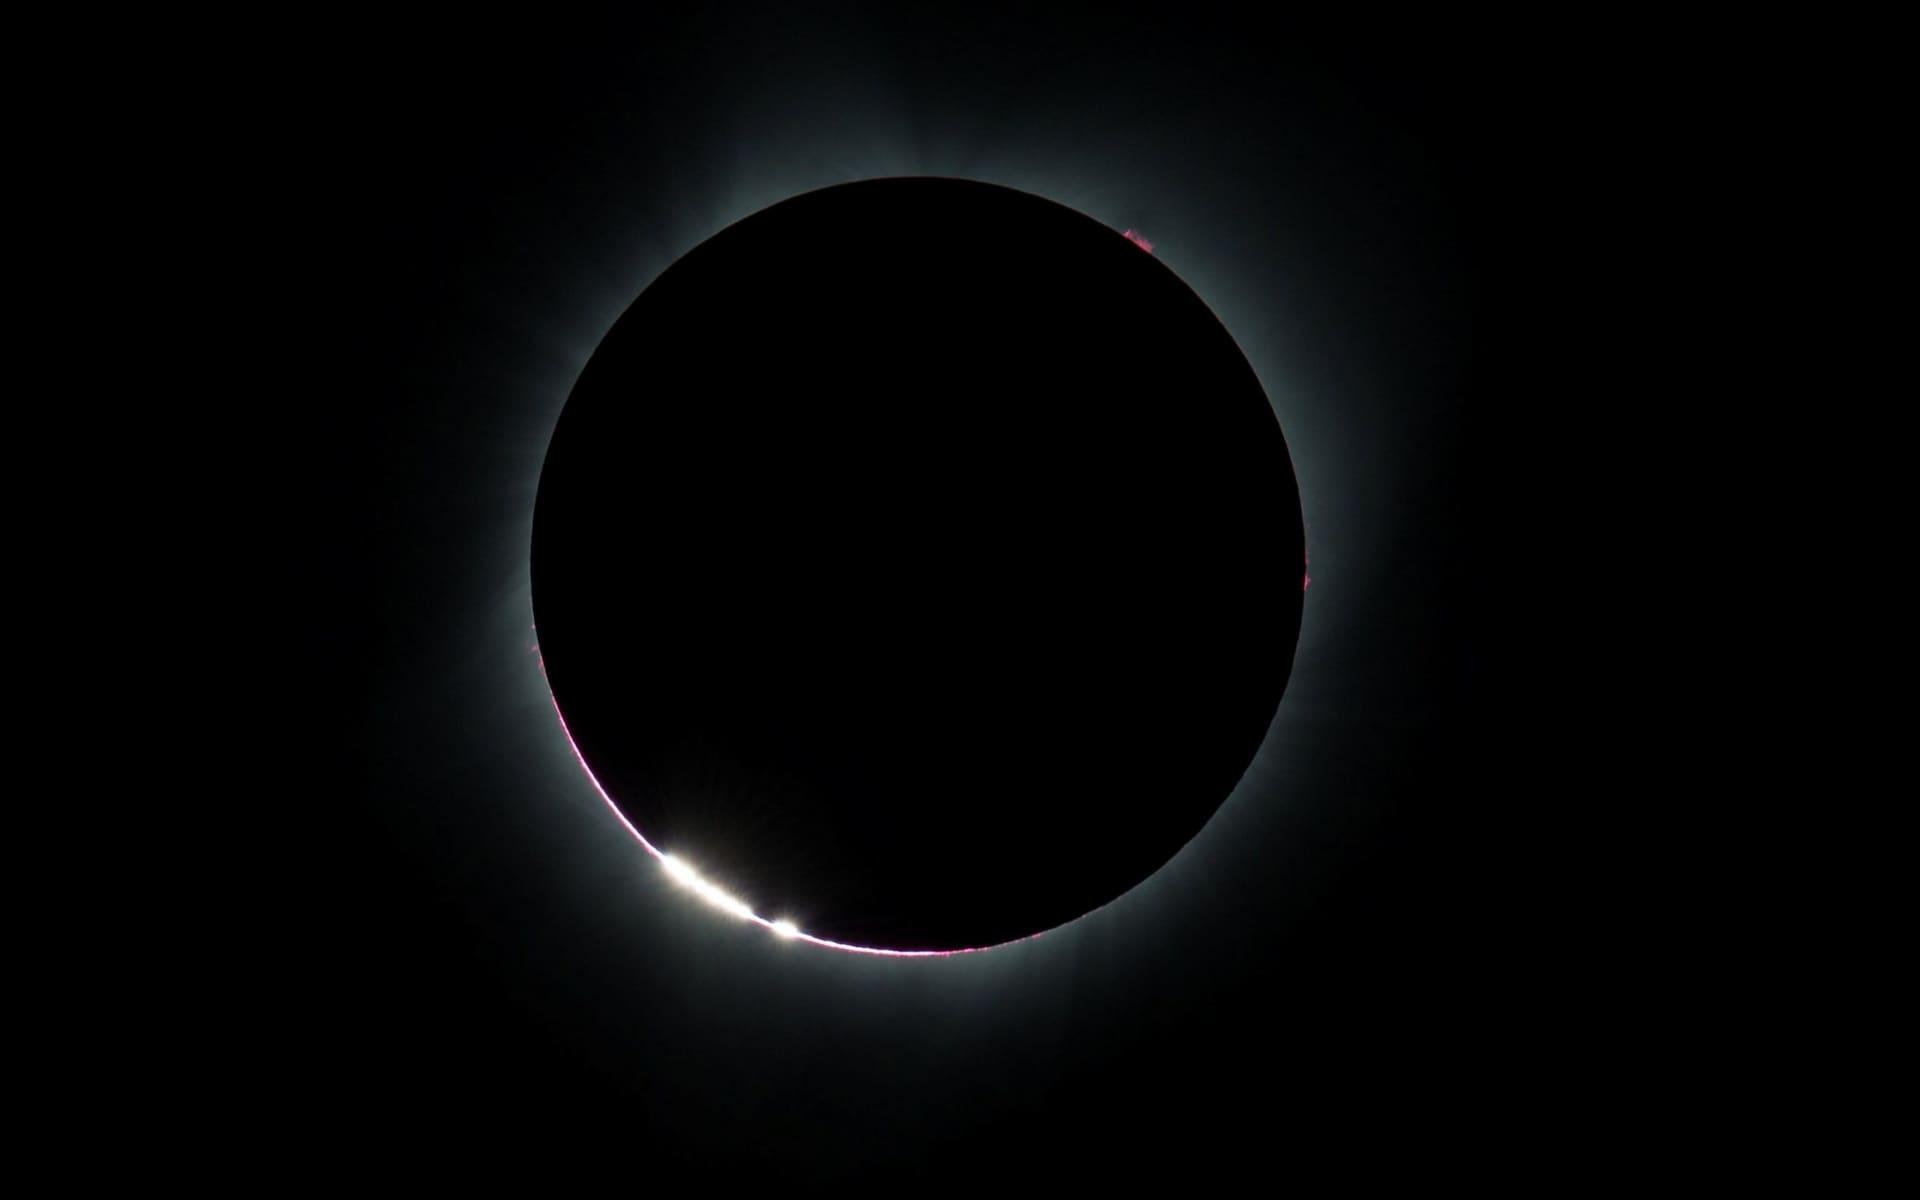 Những khoảnh khắc ấn tượng về nhật thực toàn phần tại Mỹ-4